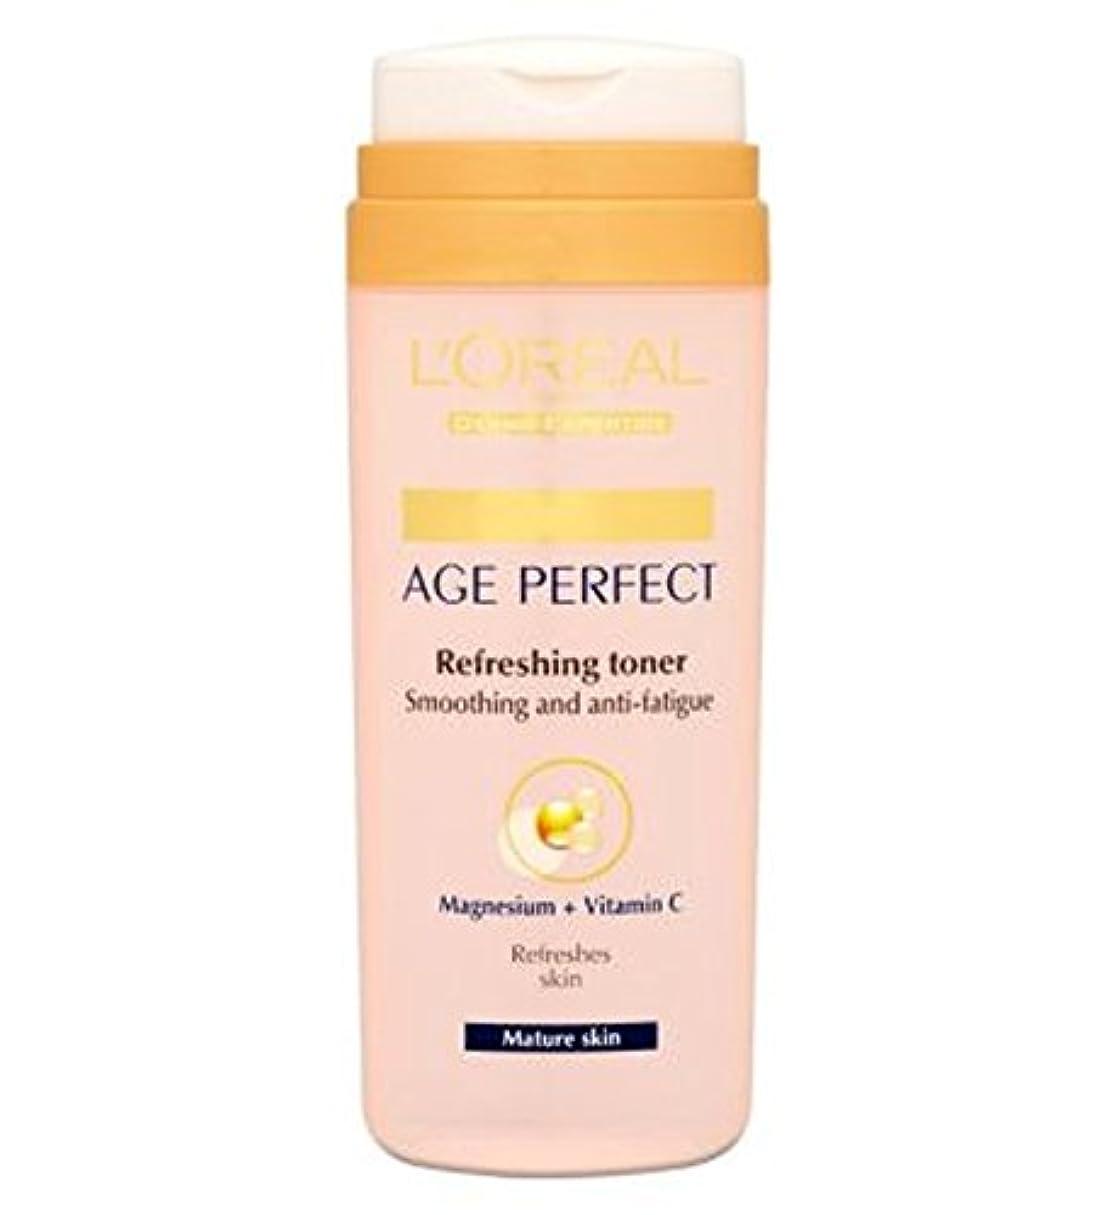 考えワゴン逸脱L'Oreallパリ真皮専門知識の年齢、完璧なさわやかなトナー成熟肌の200ミリリットル (L'Oreal) (x2) - L'Oreall Paris Dermo-Expertise Age Perfect Refreshing Toner Mature Skin 200ml (Pack of 2) [並行輸入品]